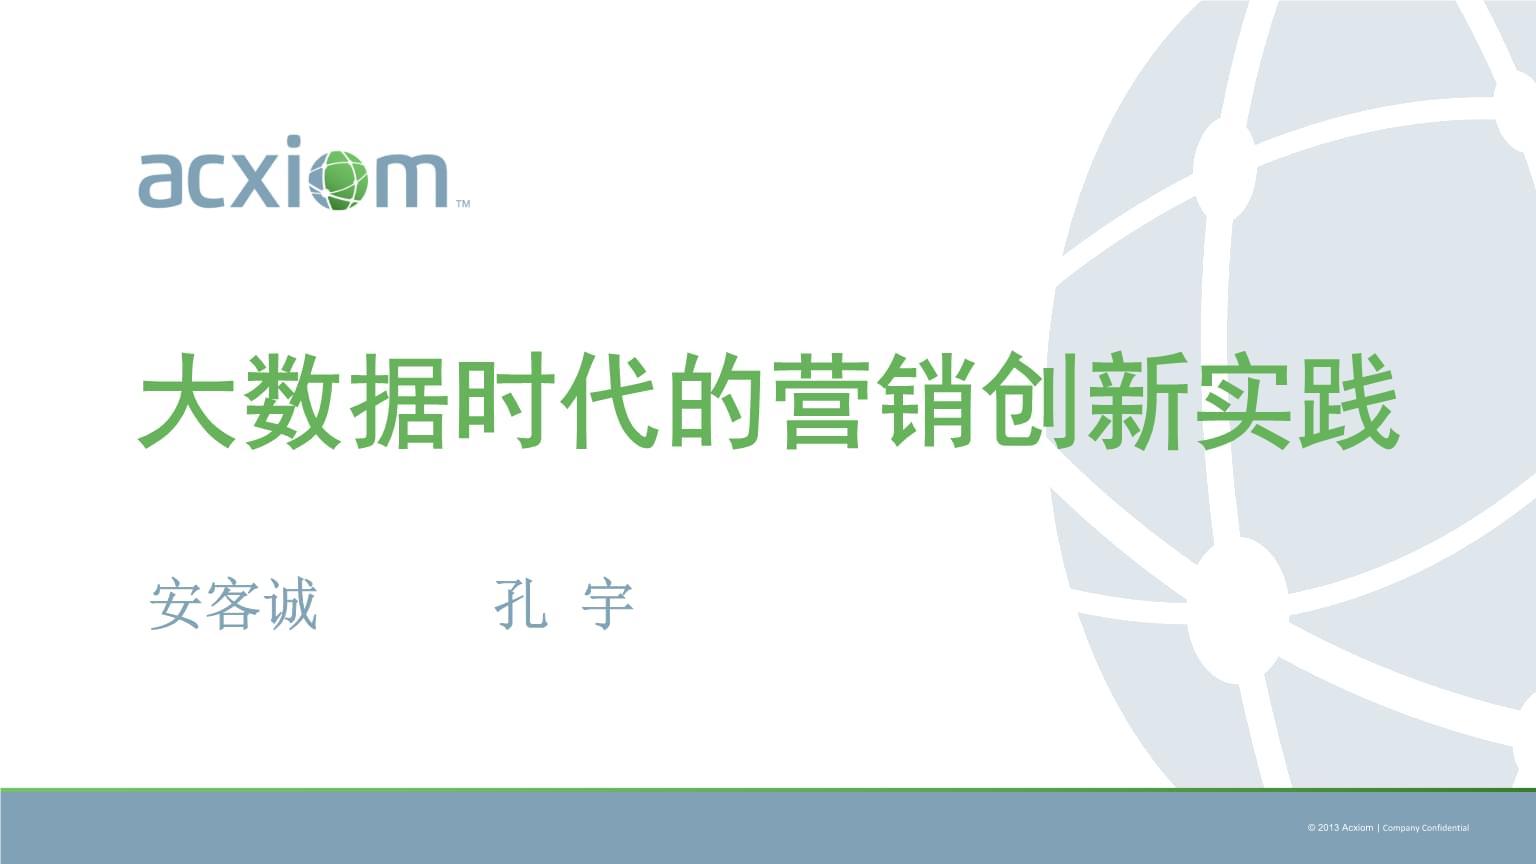 安客誠-孔宇-Acxiom大數據時代的營銷創新實踐.pptx